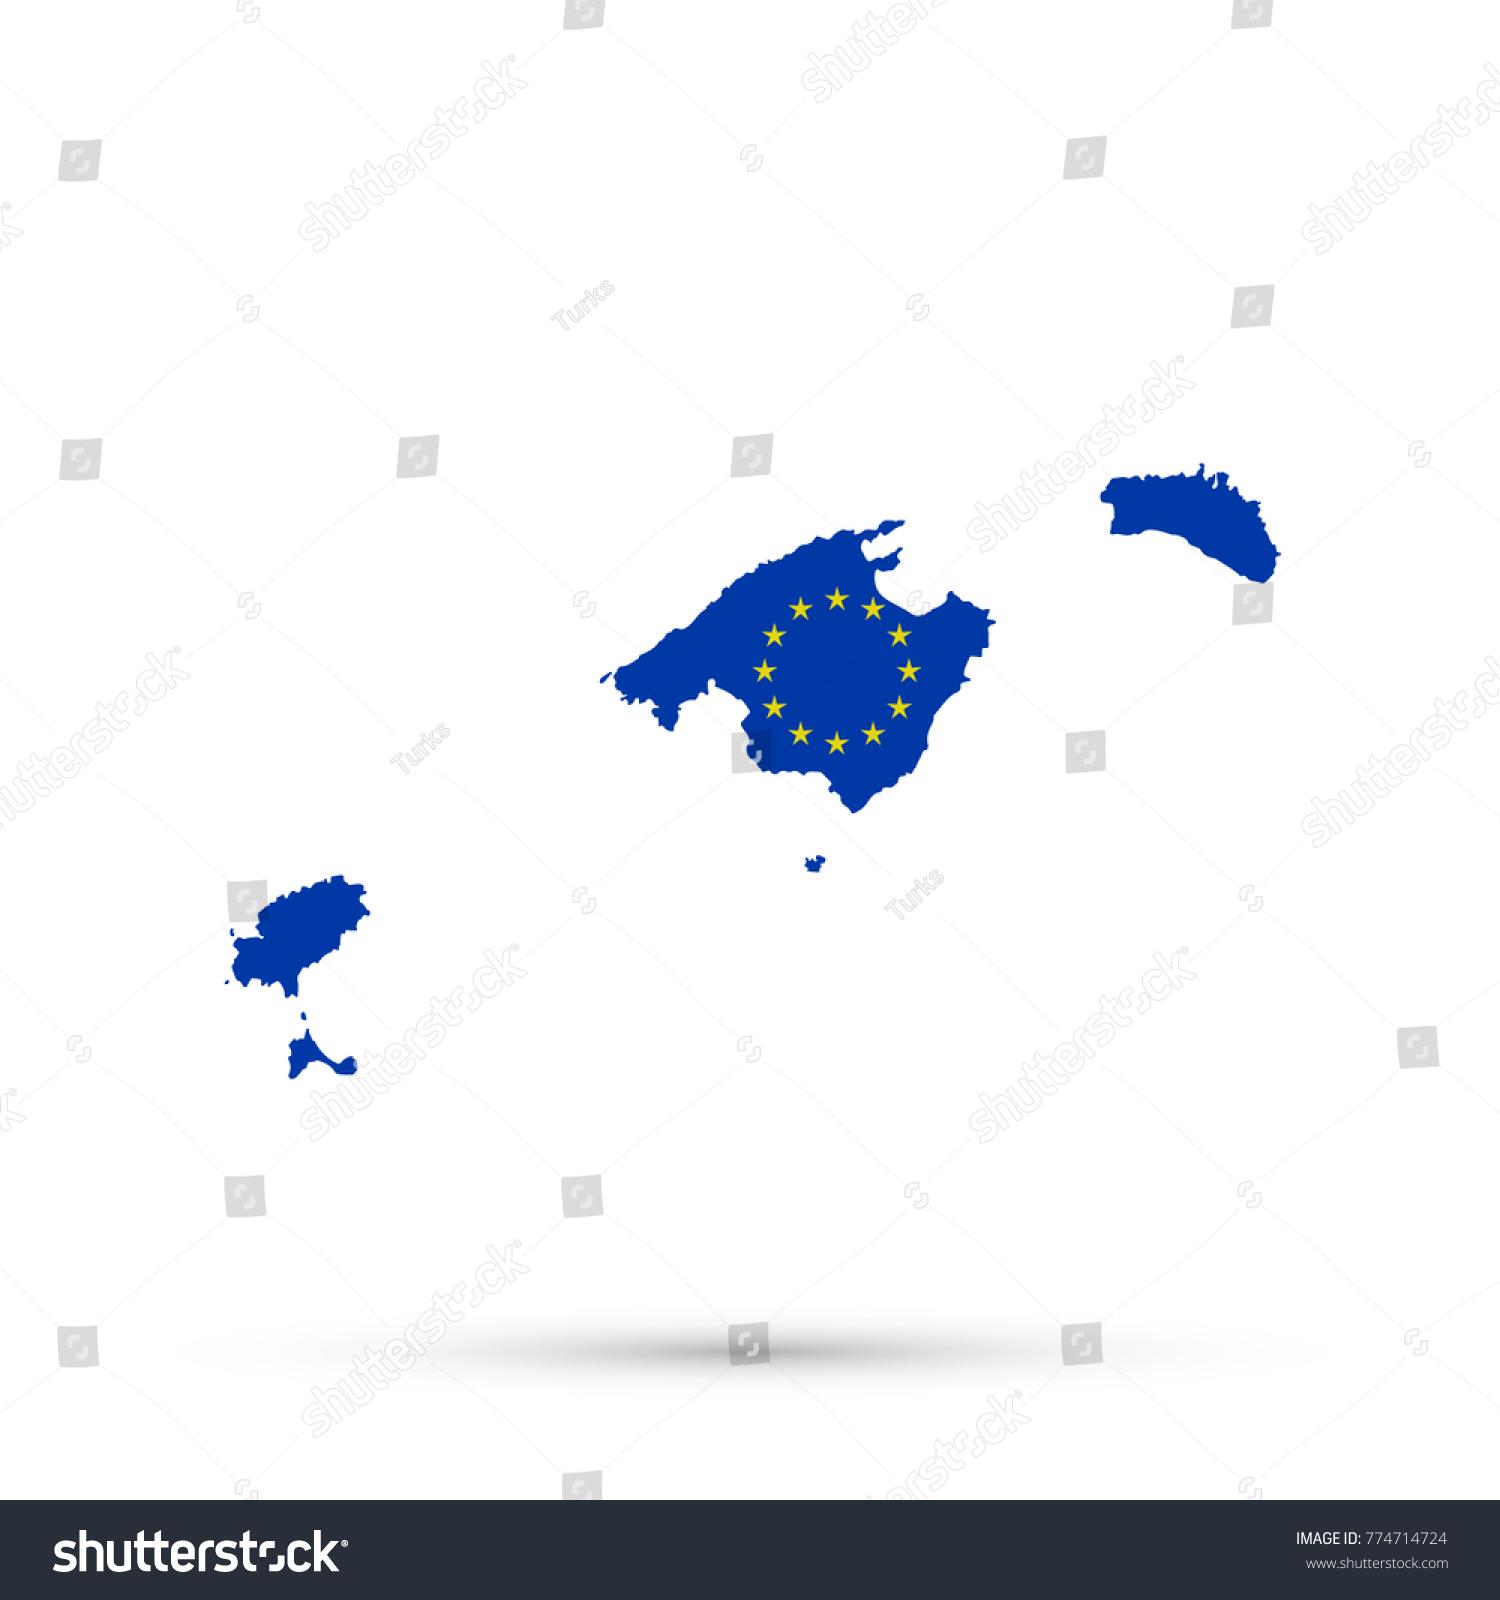 Picture of: Vector De Stock Libre De Regalias Sobre Balearic Islands Map European Union Eu774714724